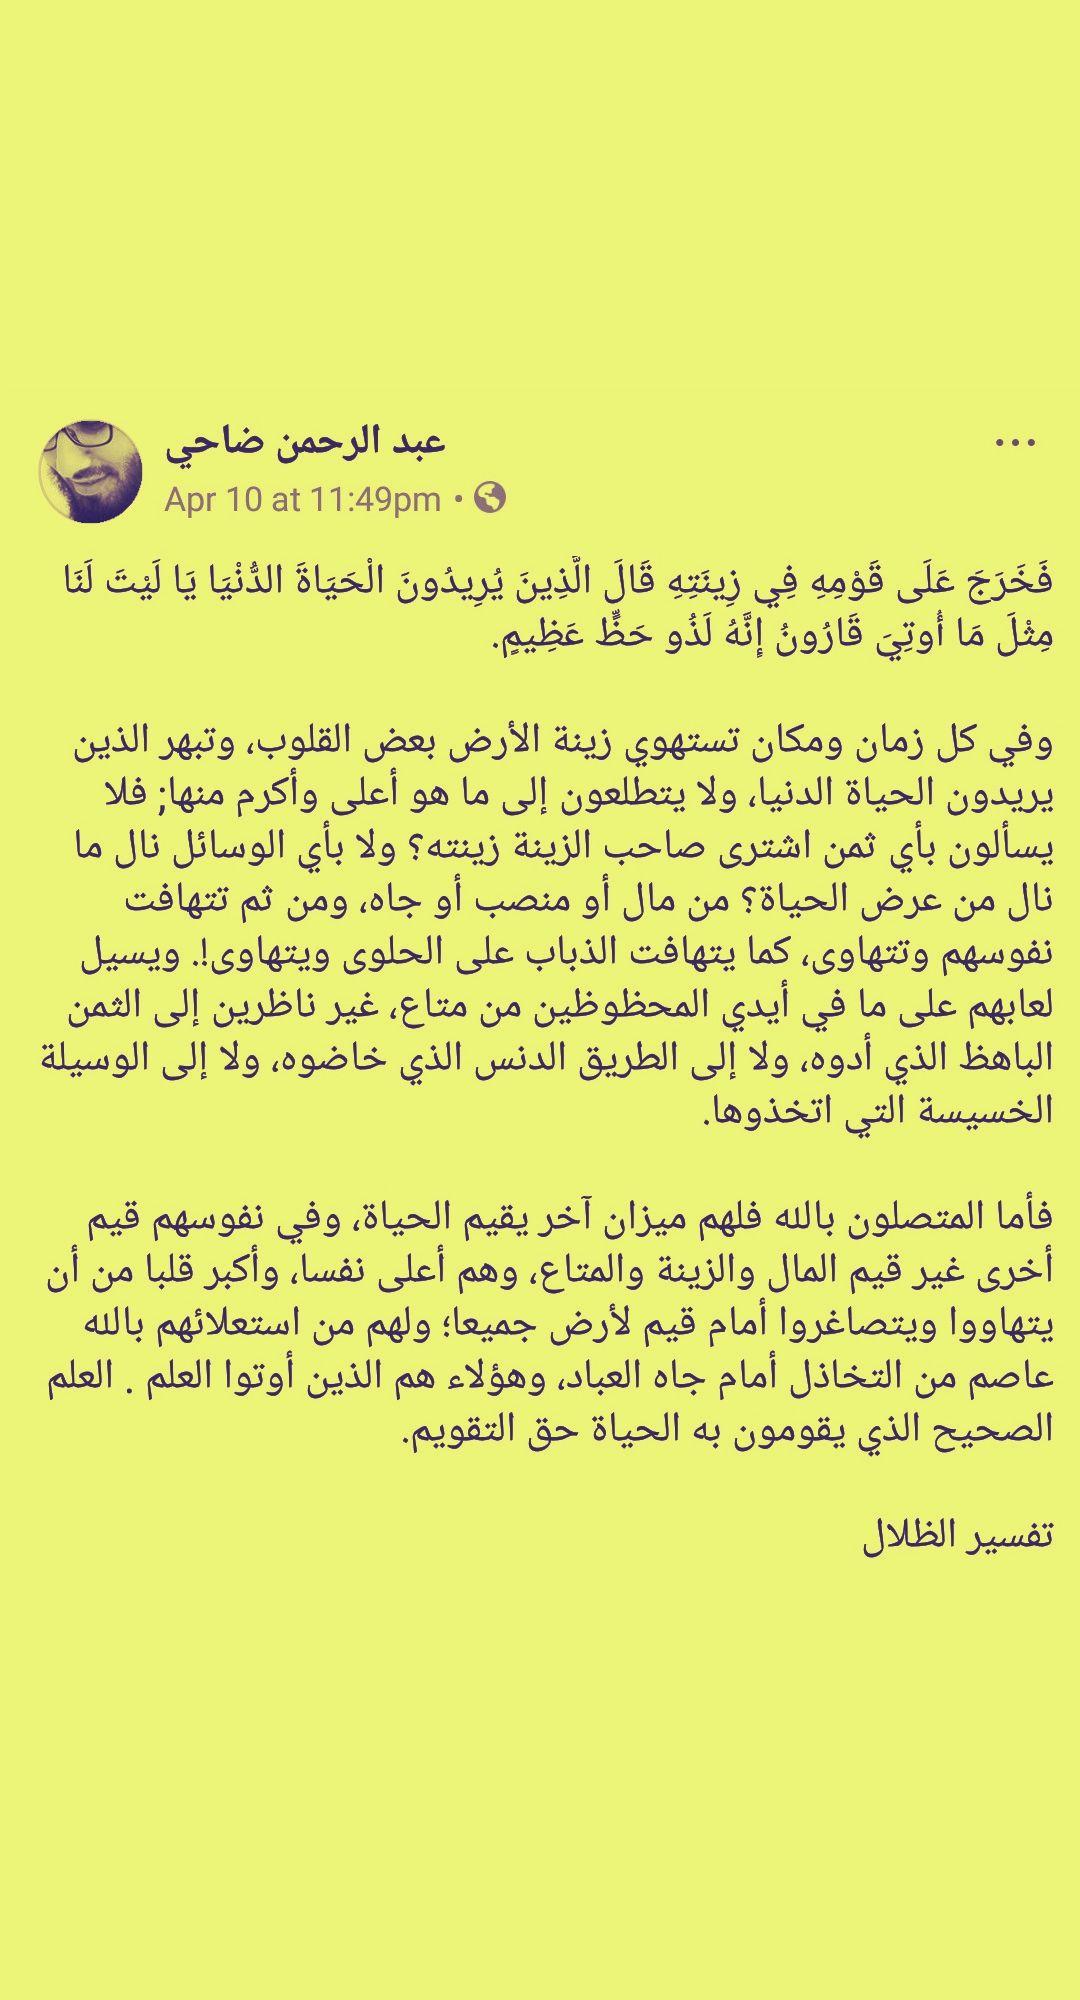 تفسير القرآن تفسير القران تفسير تفسير الظلال سيد قطب Math Math Equations Islam